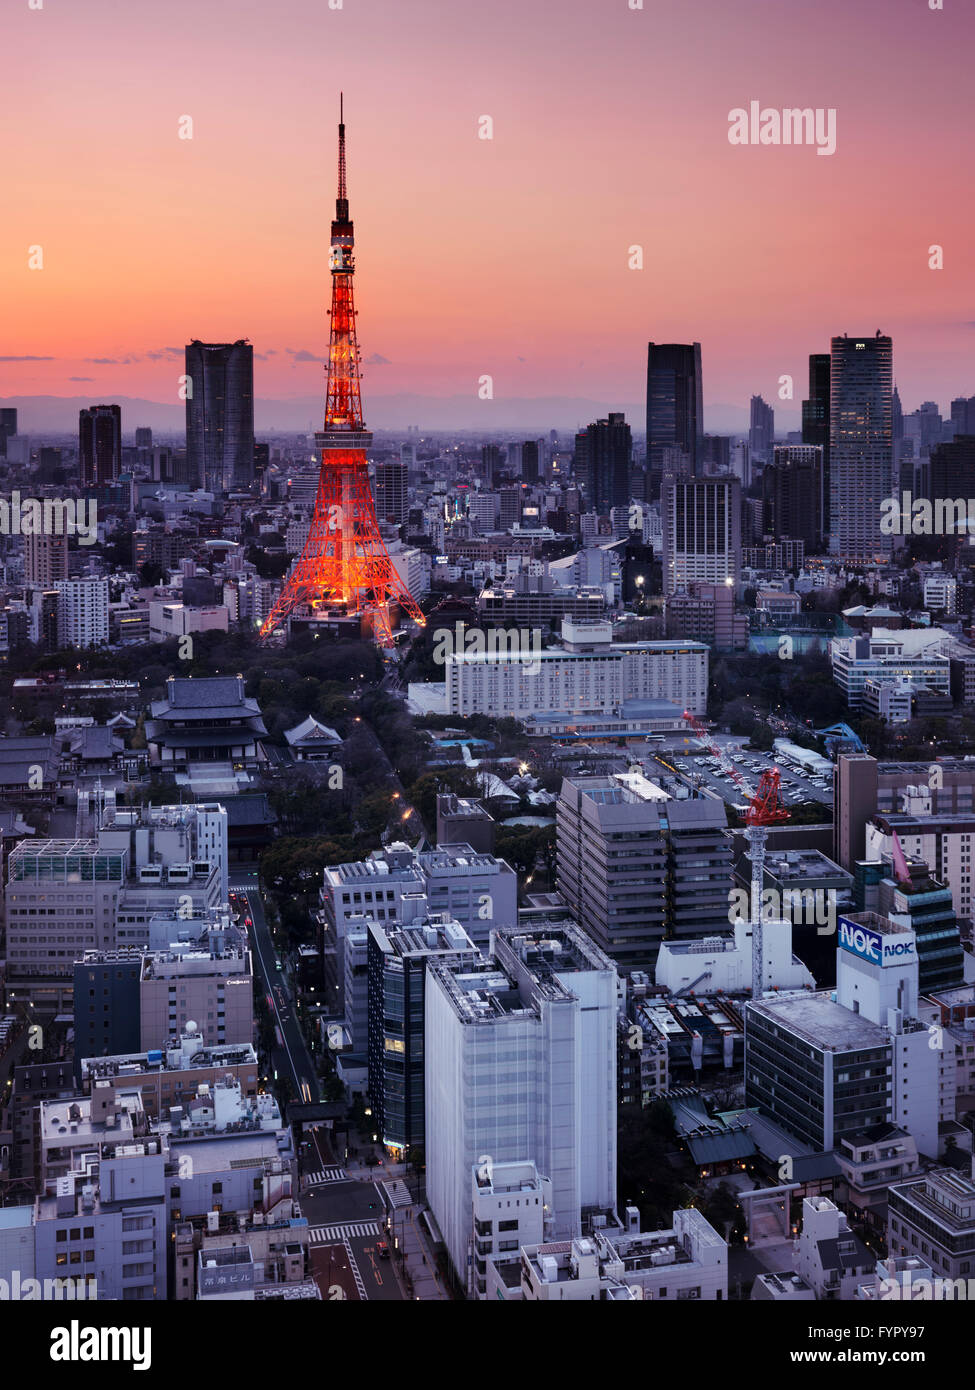 Illuminated Tokyo Tower during sunset, Minato, Tokyo, Japan - Stock Image